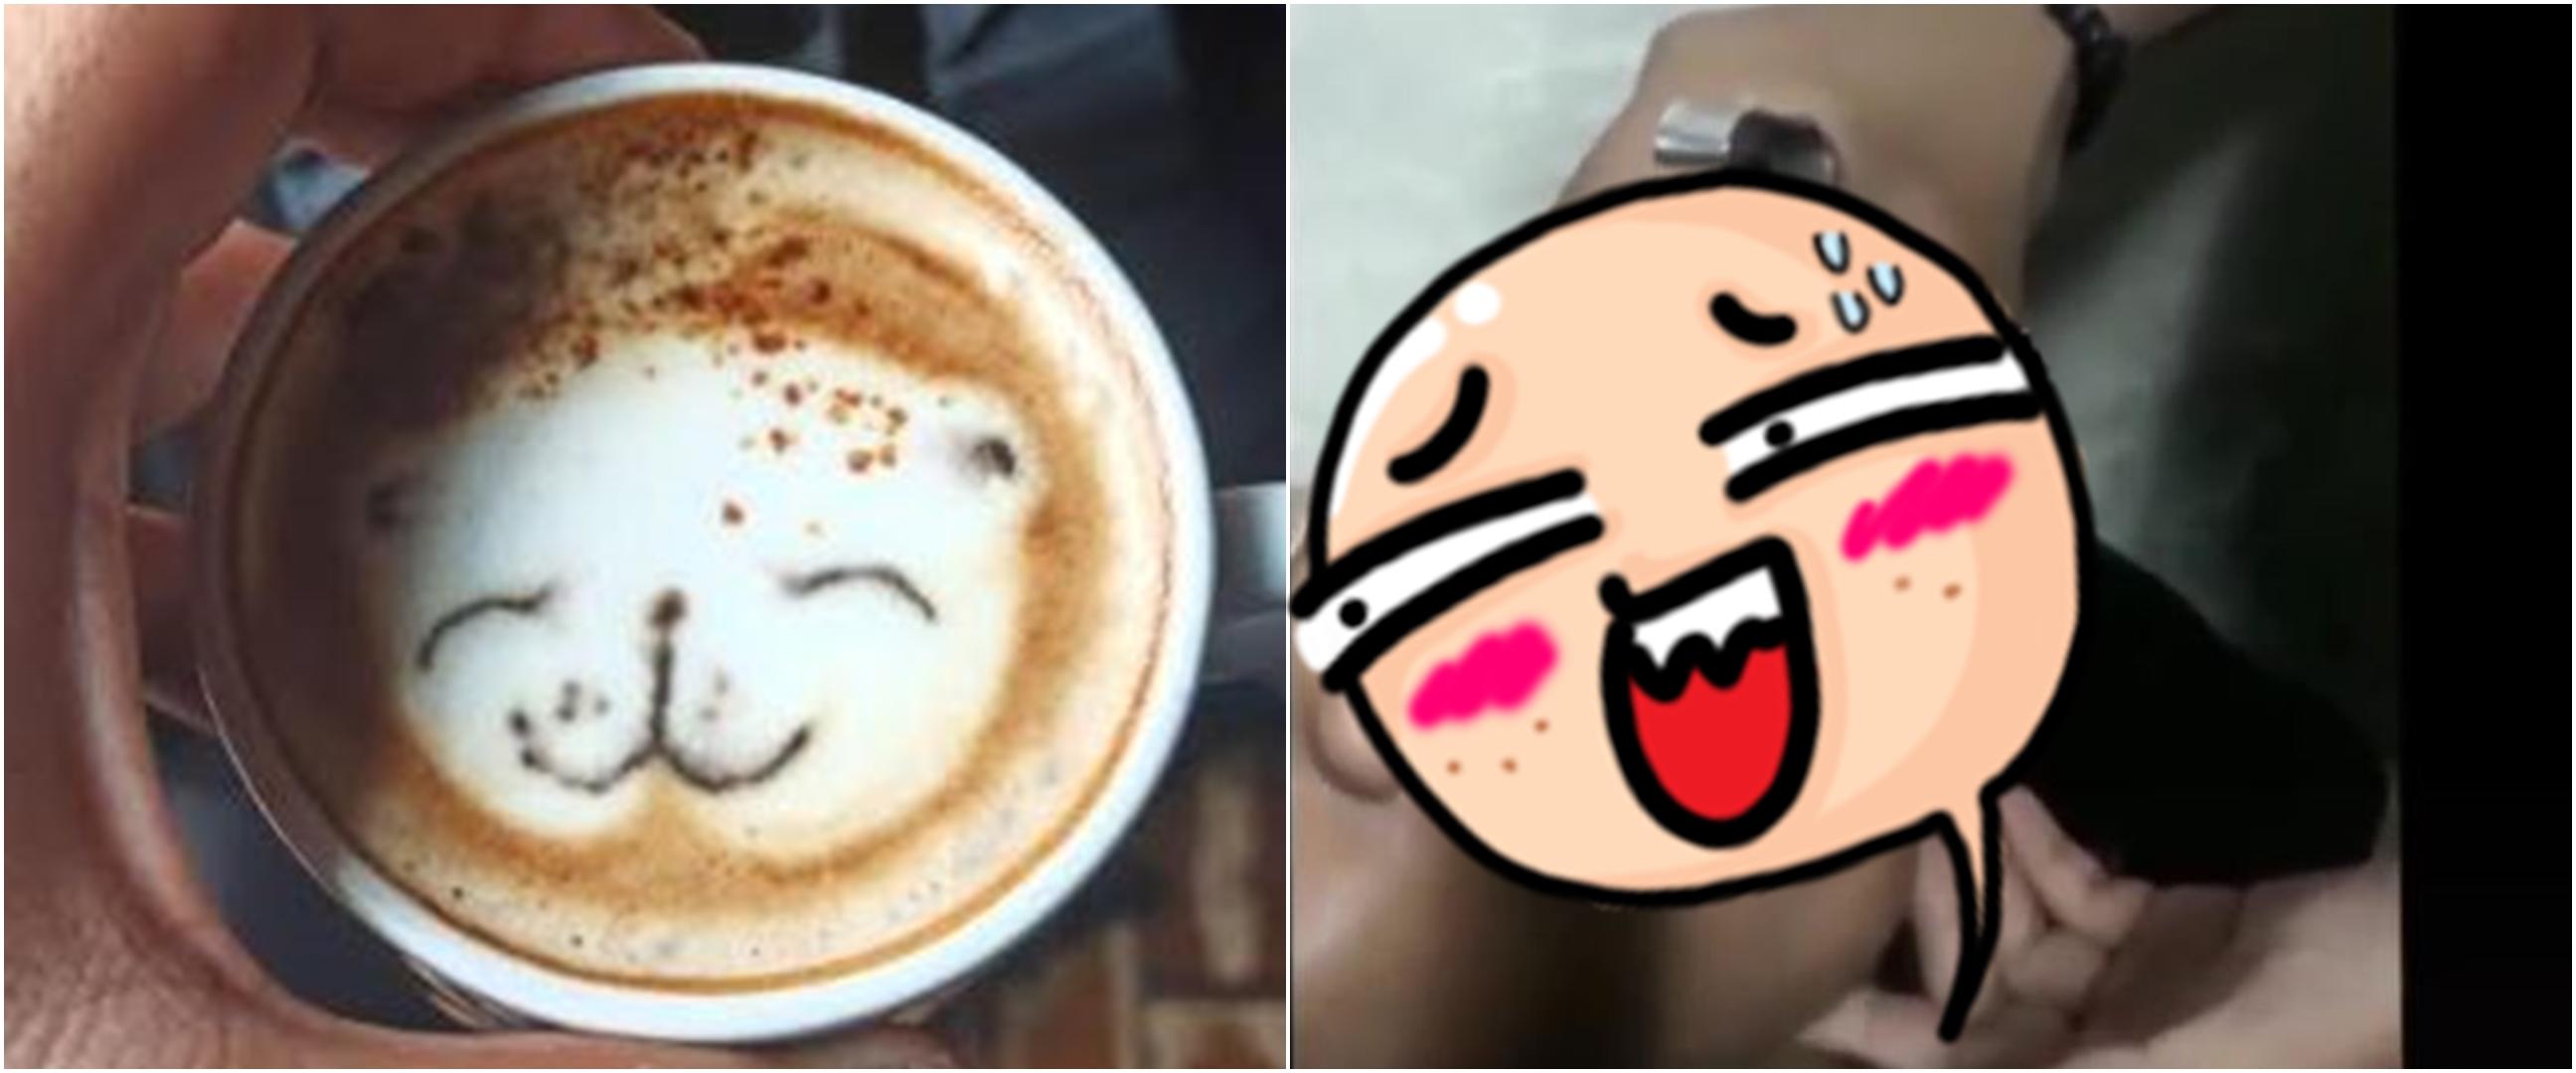 Viral video pria bikin latte art langsung di mulut peminumnya